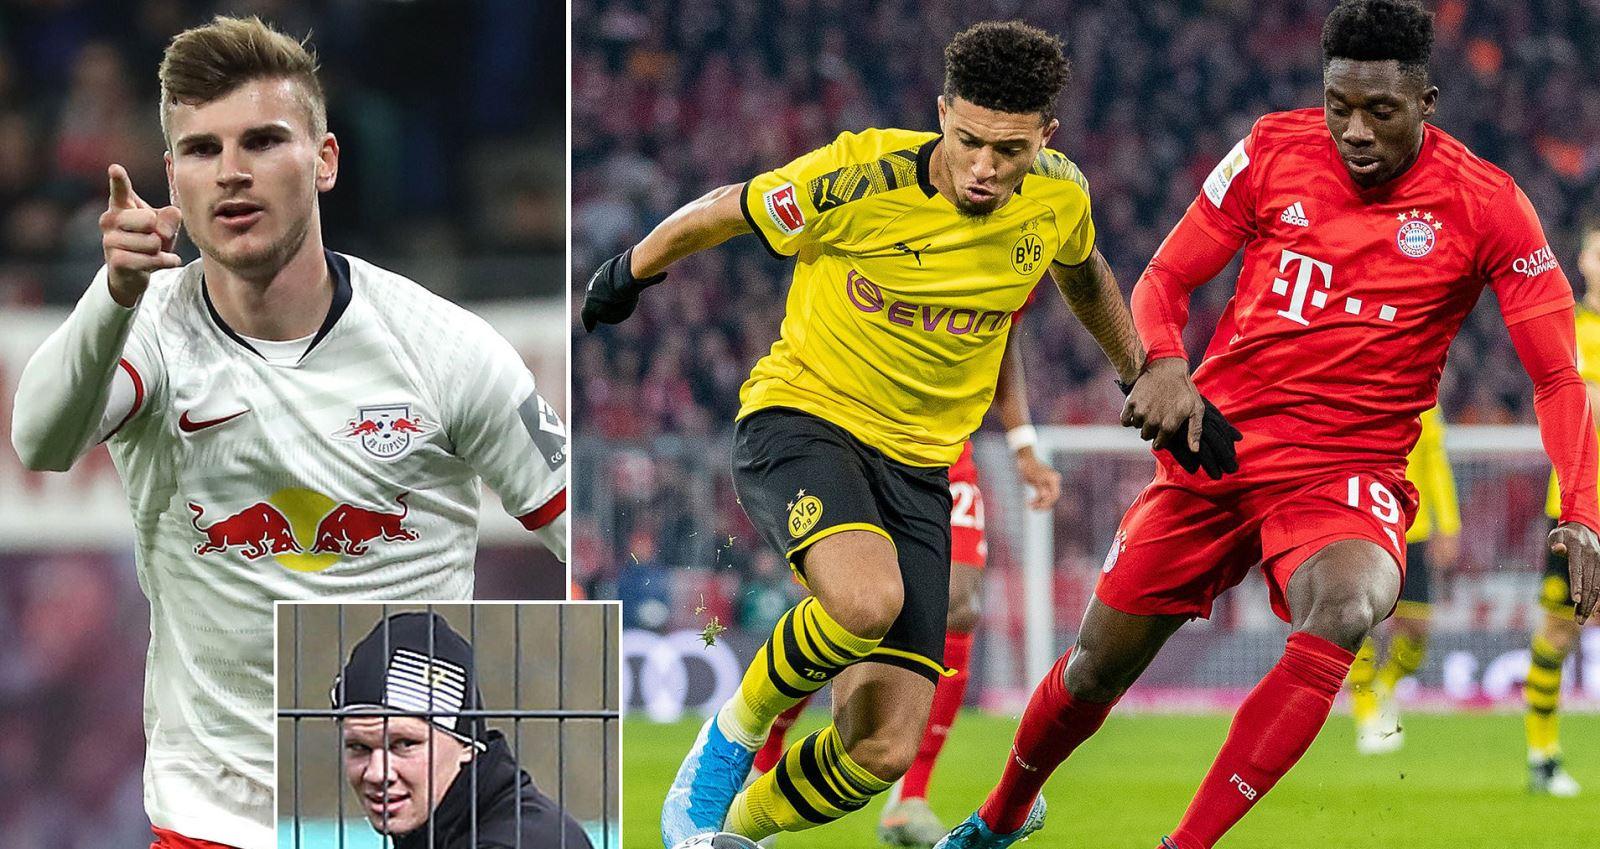 bóng đá, bong da, tin bóng đá, Bundesliga, bóng đá Đức, khẩu trang, COVID-19